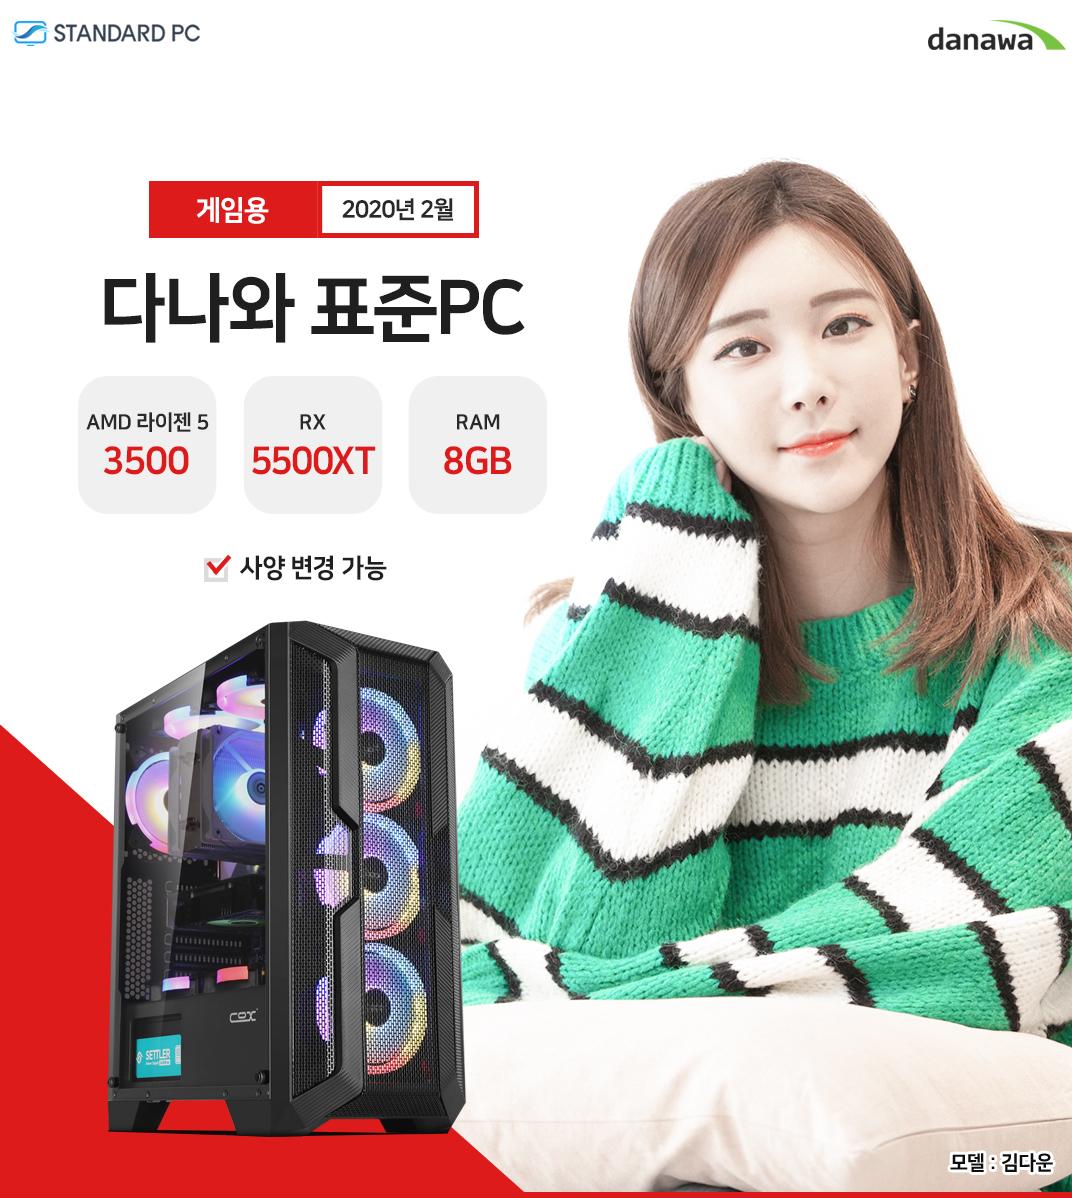 2020년 02월 다나와 표준PC 게임용 AMD 라이젠 5 3500 RX 5500 RAM 8G 모델 송주아